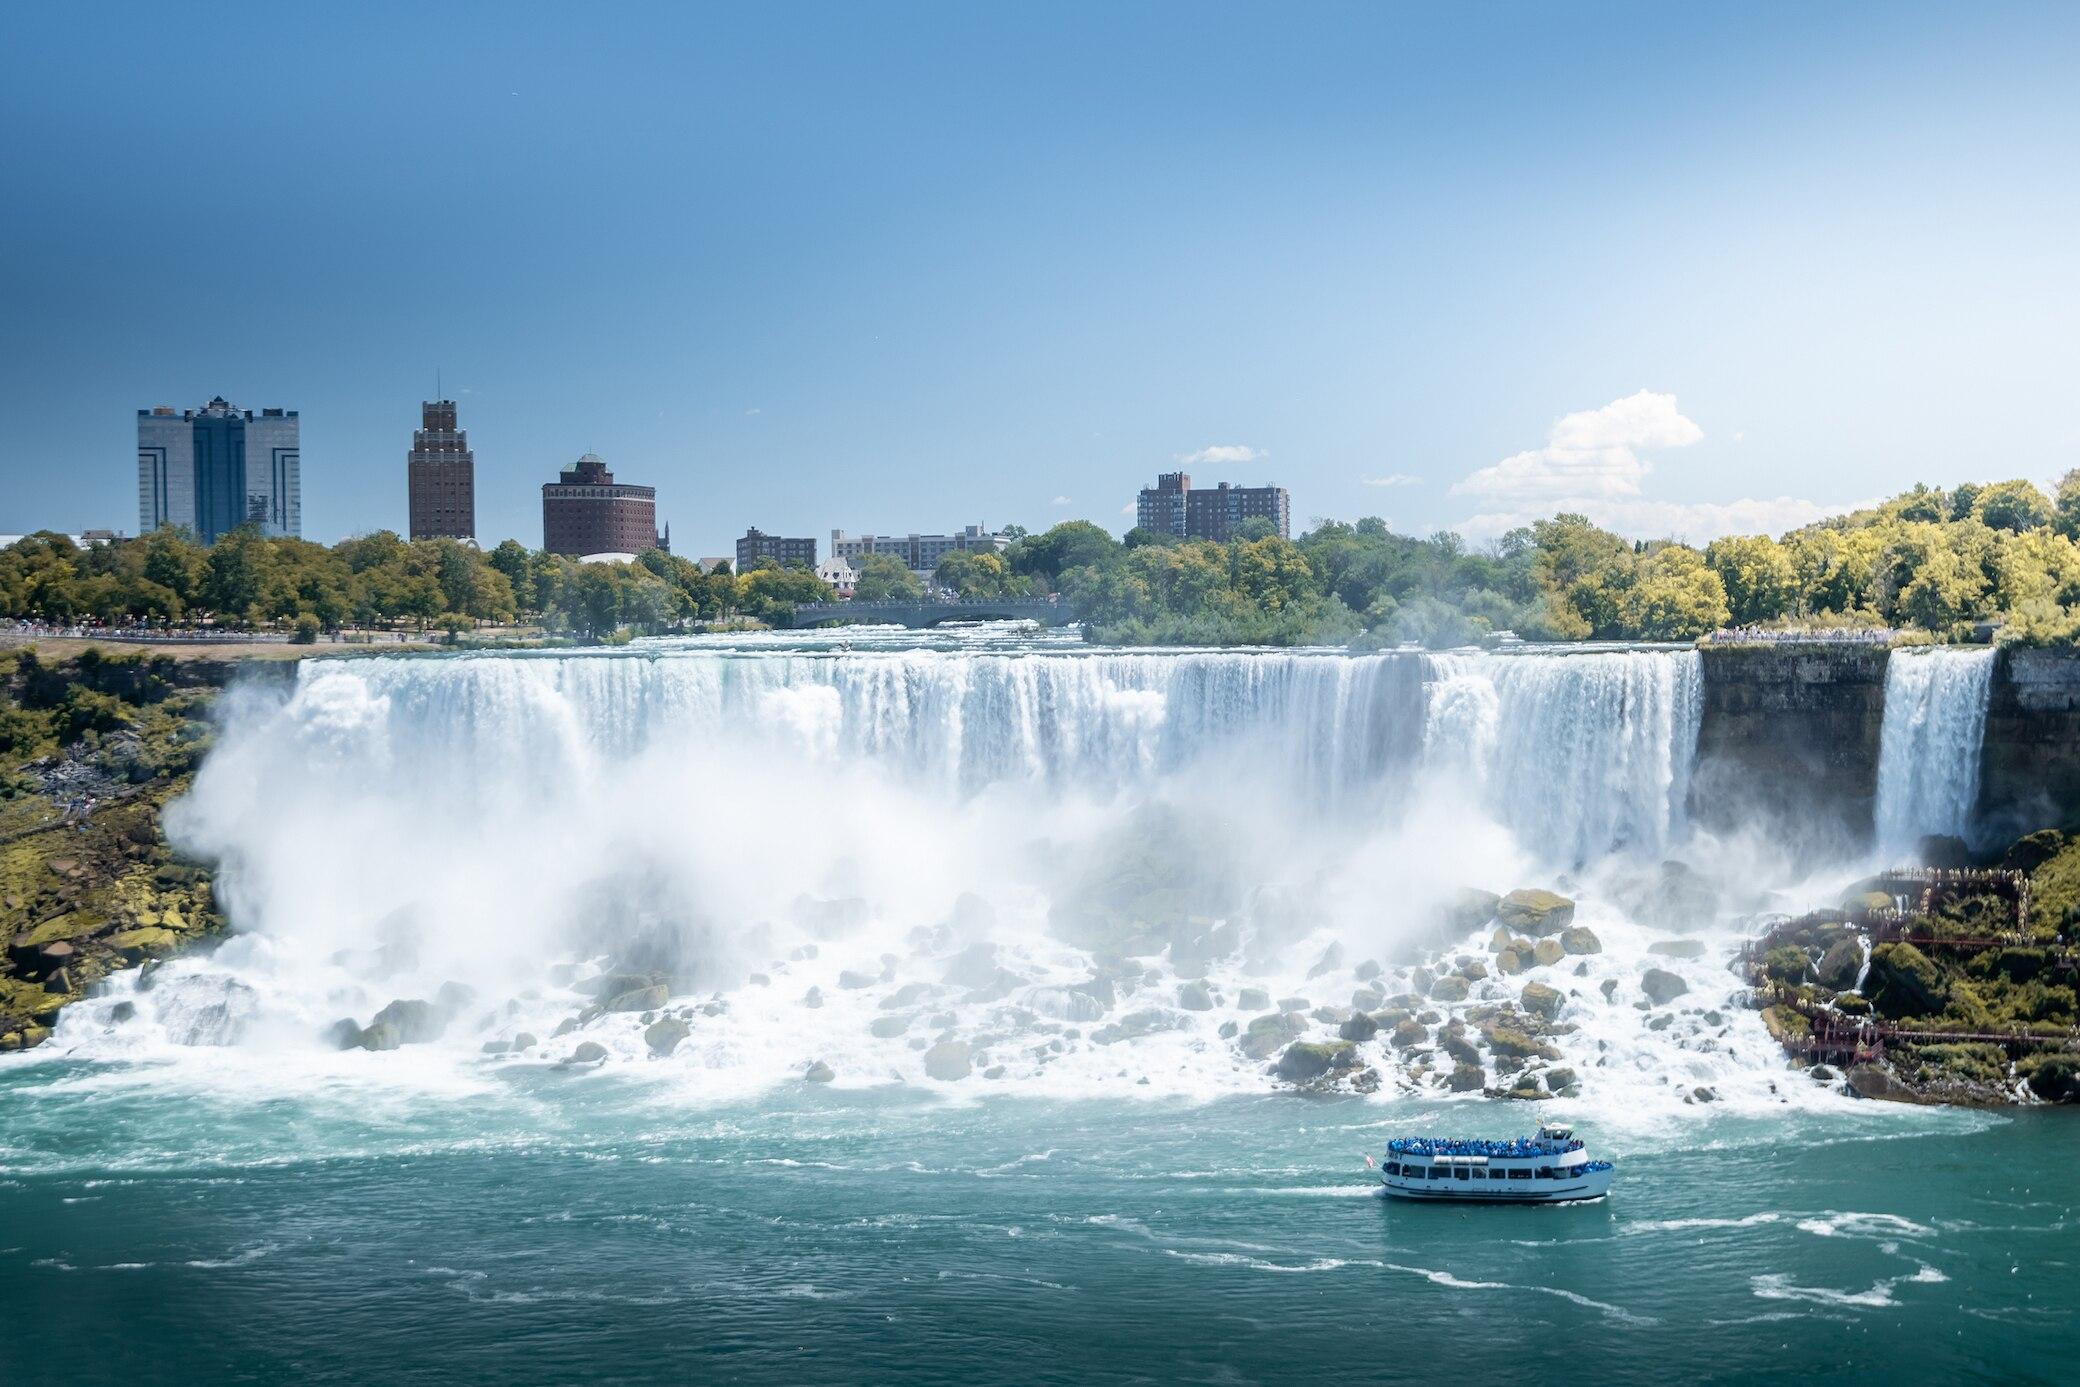 Die Niagarafälle an der Grenze USA und Kanada